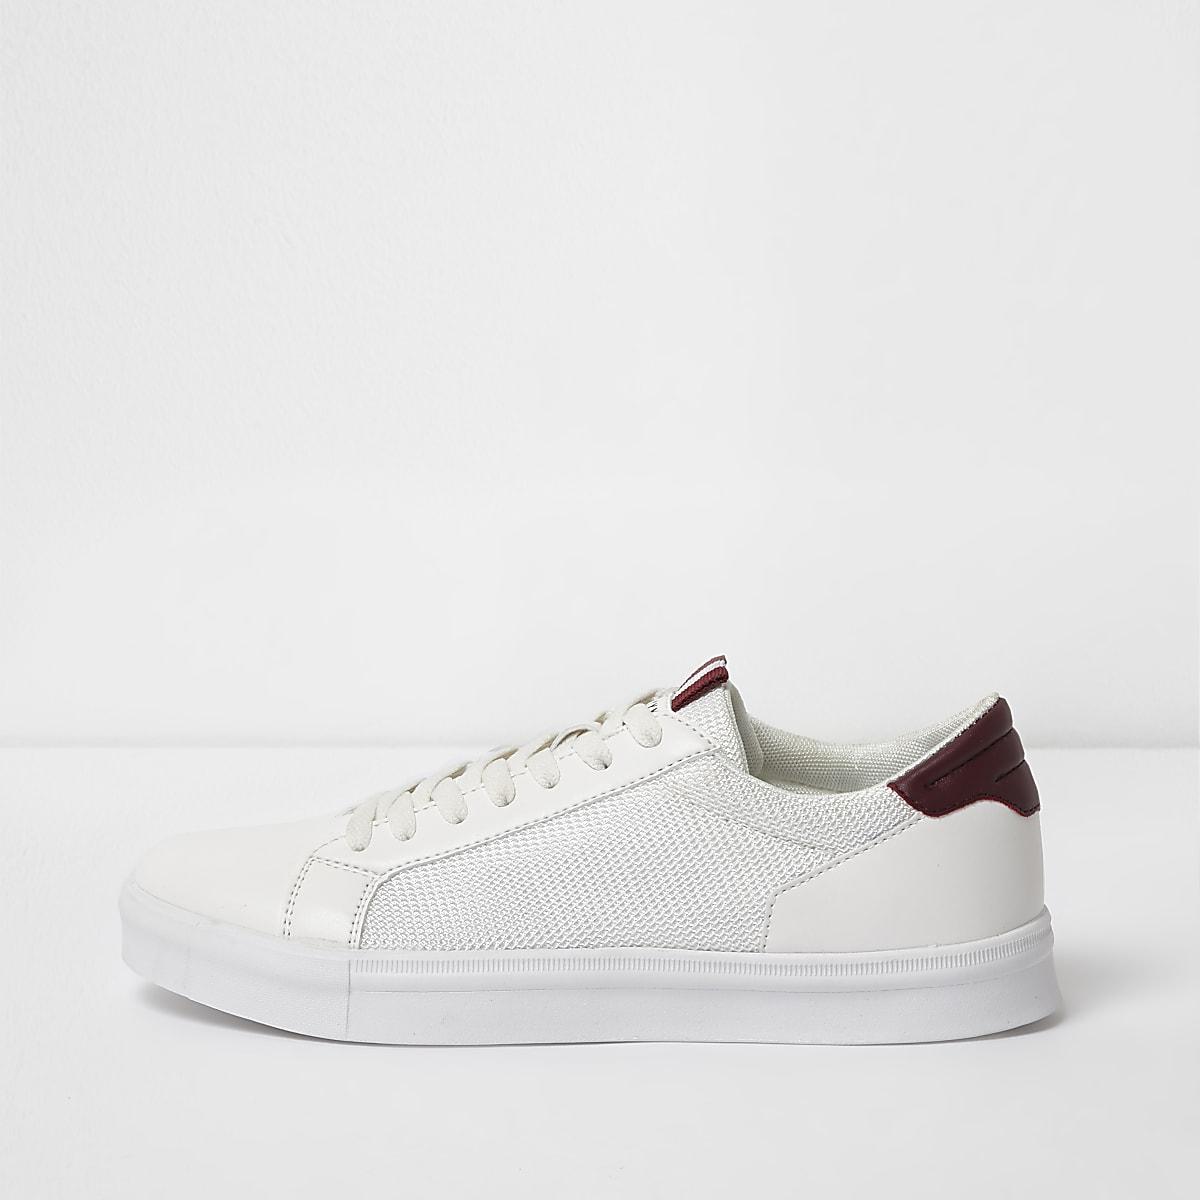 Witte vetersneakers met zijpaneel van mesh